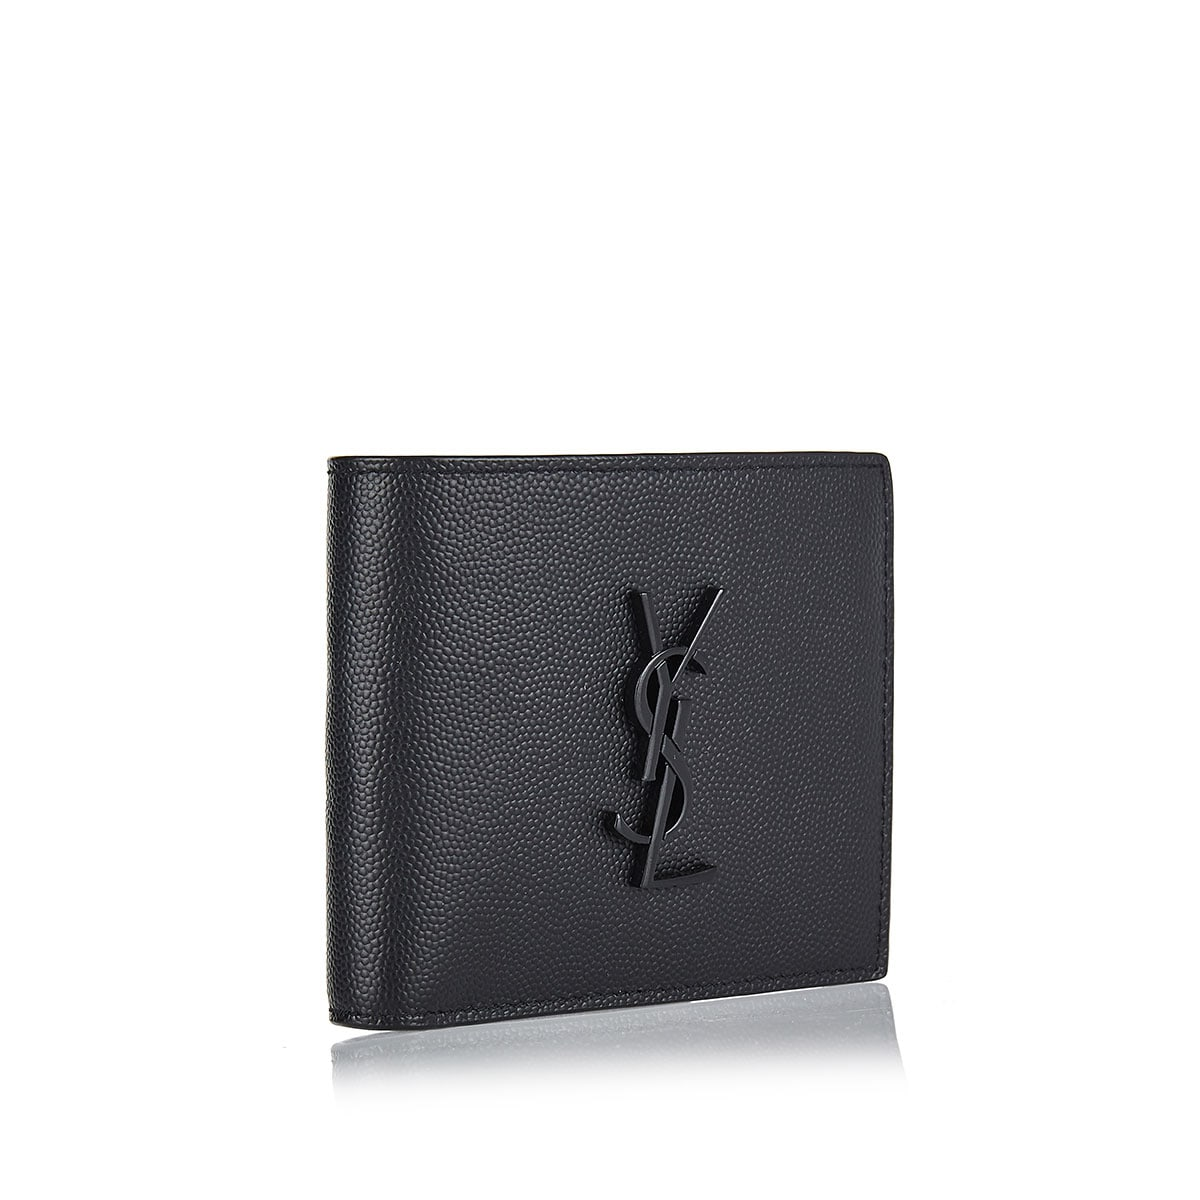 Monogram bi-fold wallet